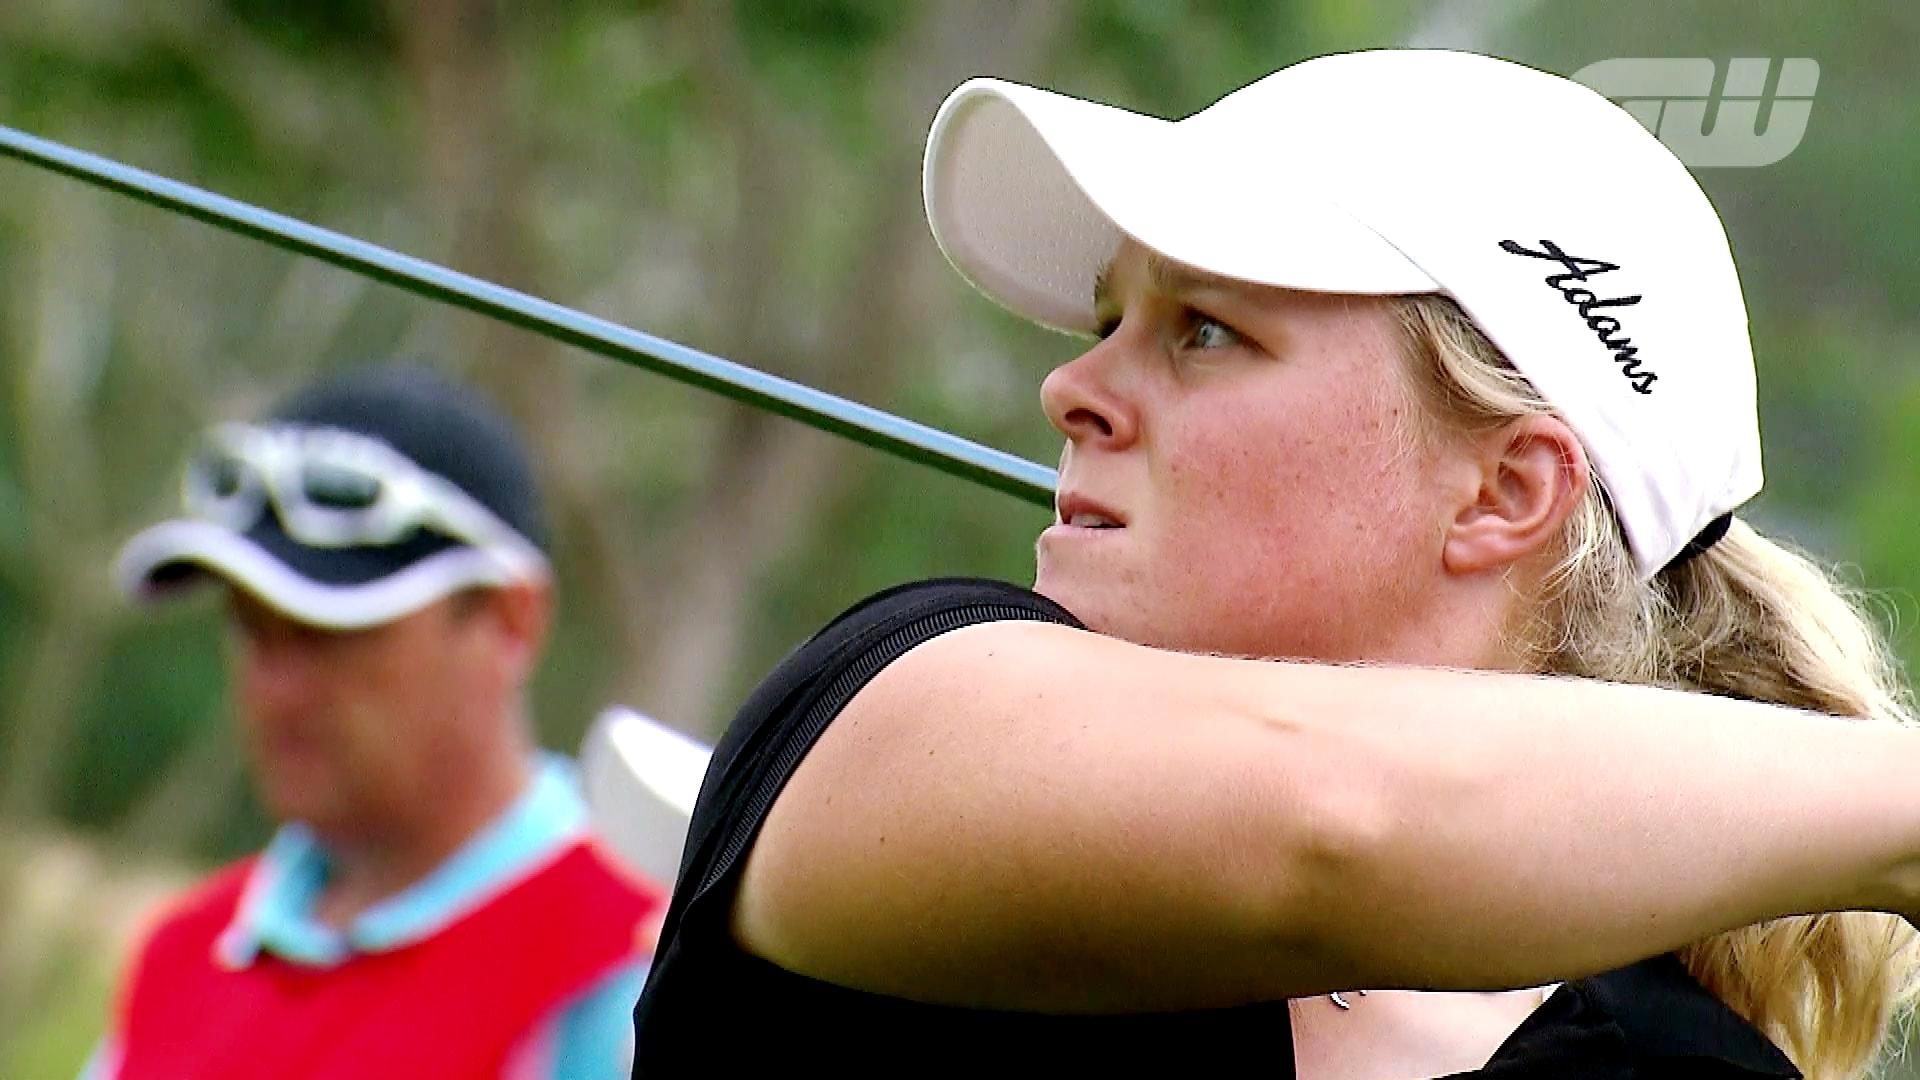 """Résultat de recherche d'images pour """"Caroline Hedwall golf photos"""""""